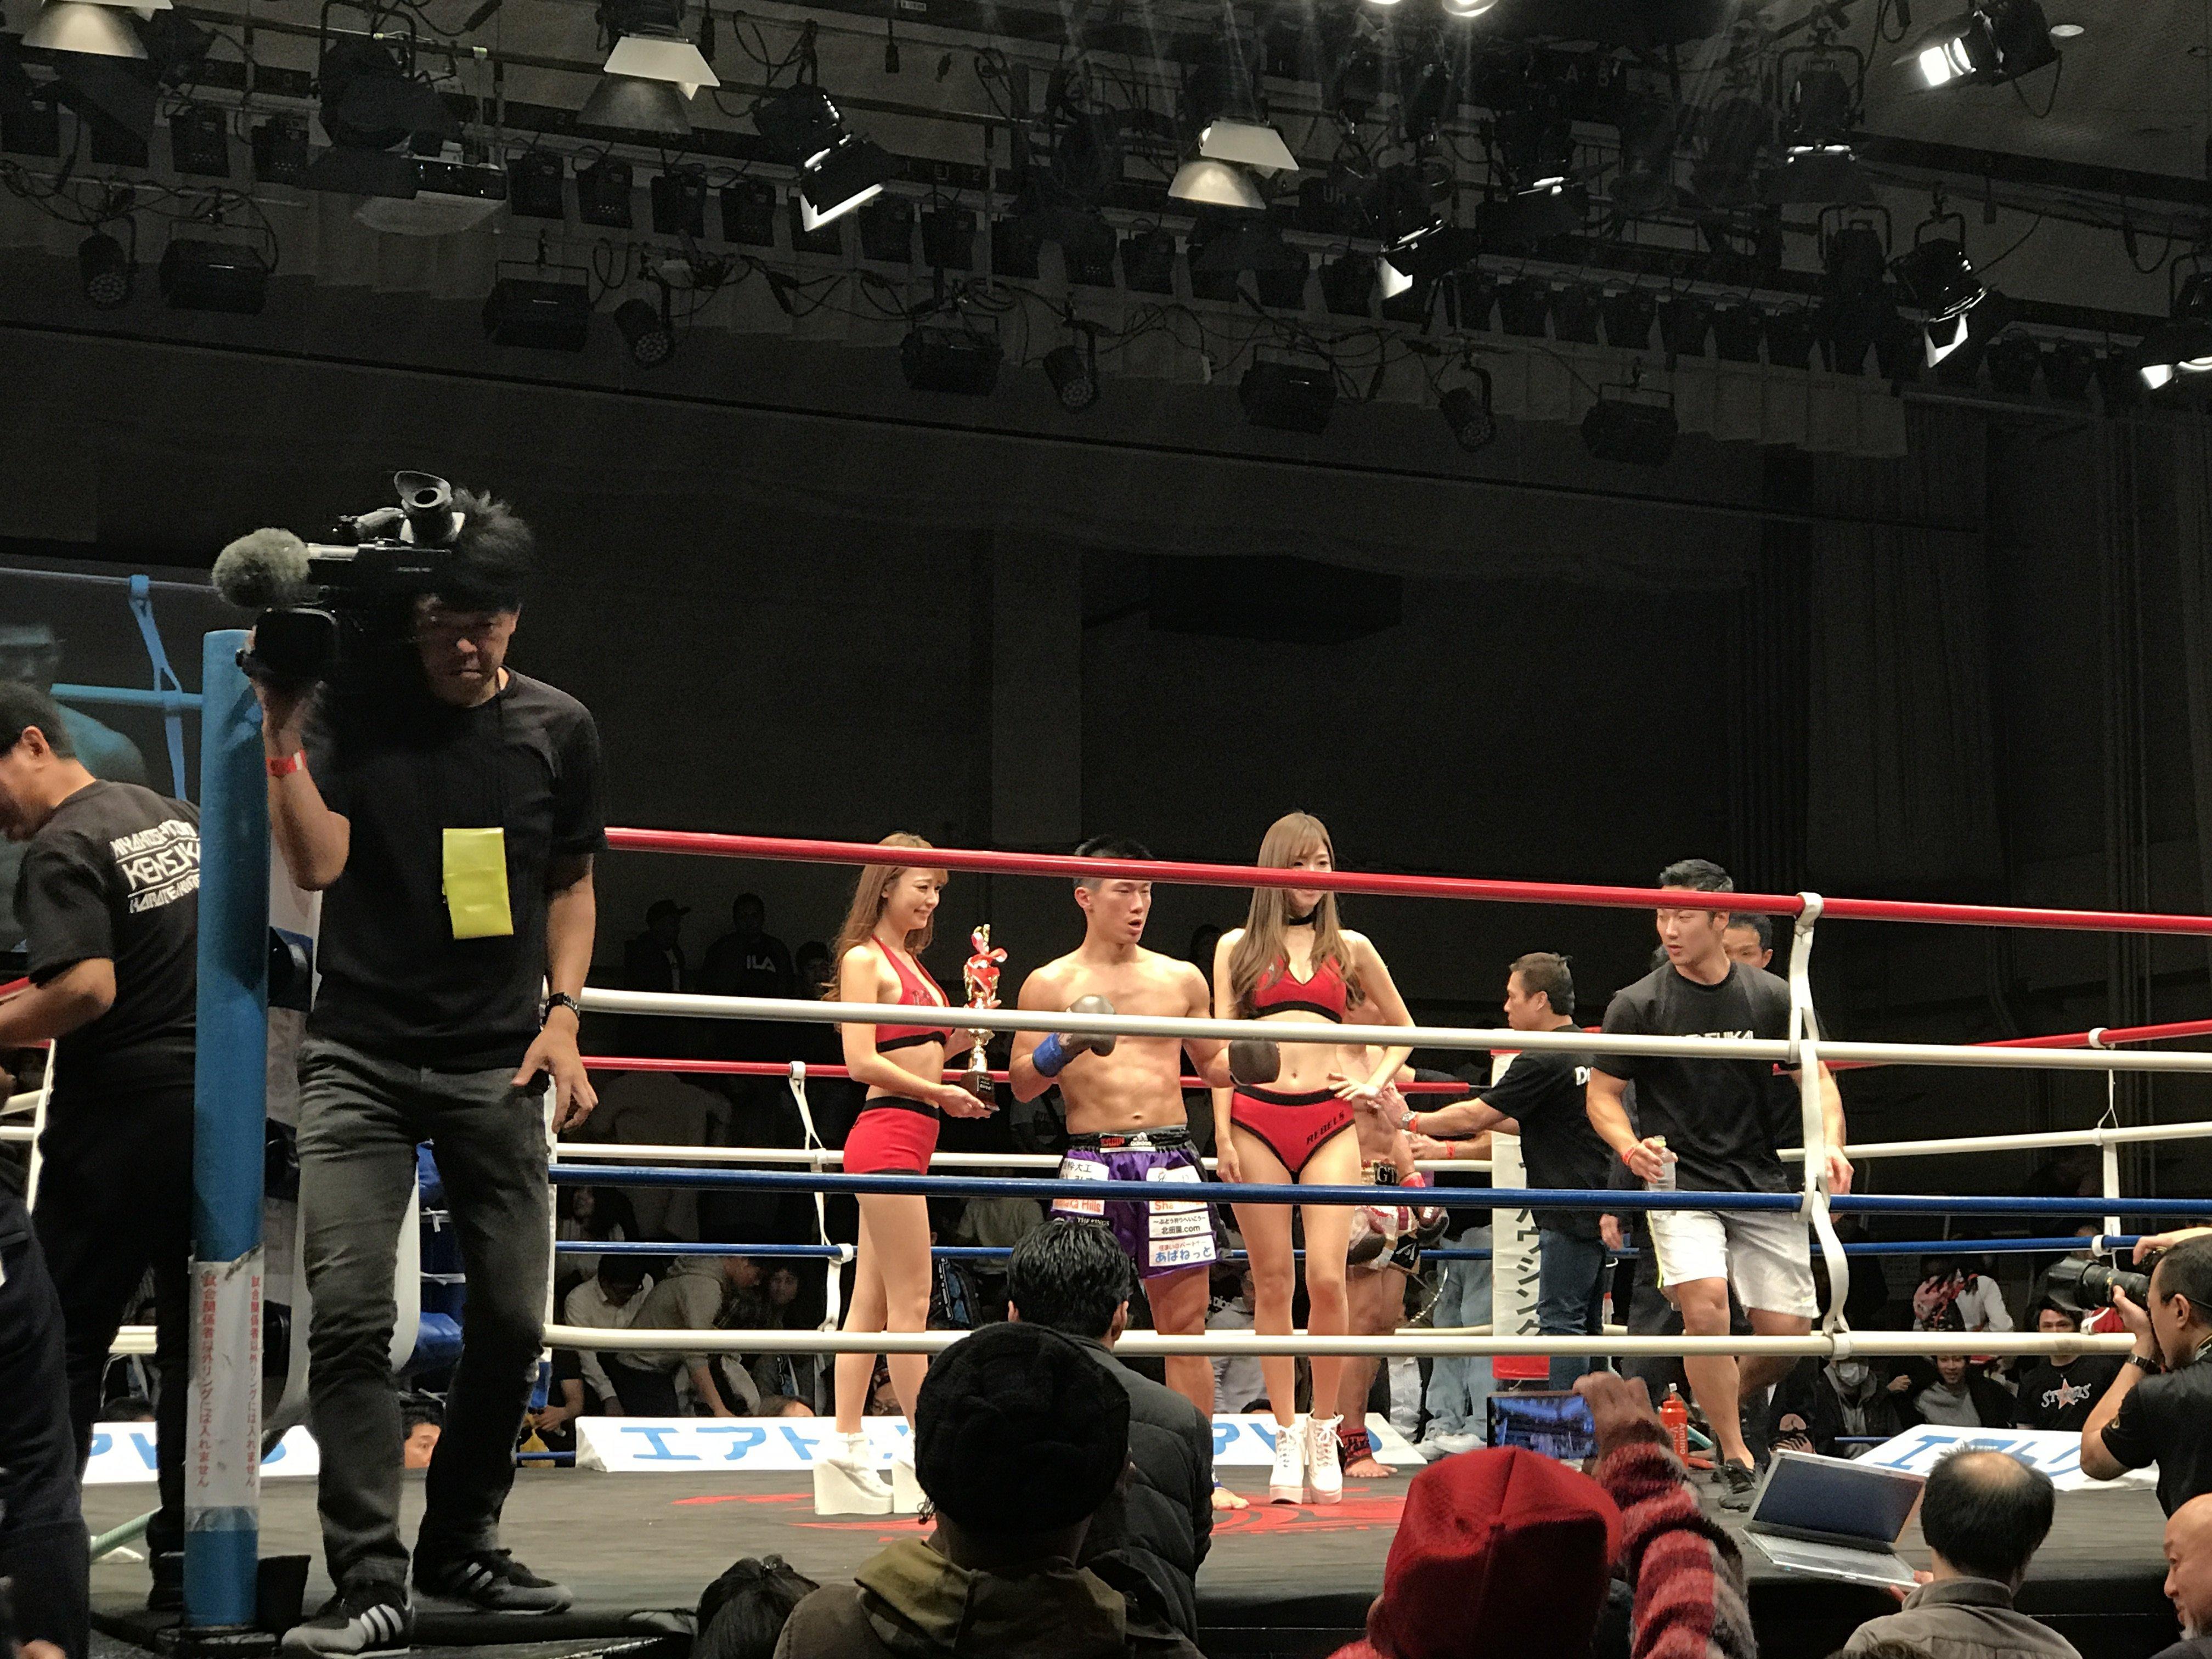 昨日キックボクシング初めて観にいきました☆諦めずに最後まで戦…